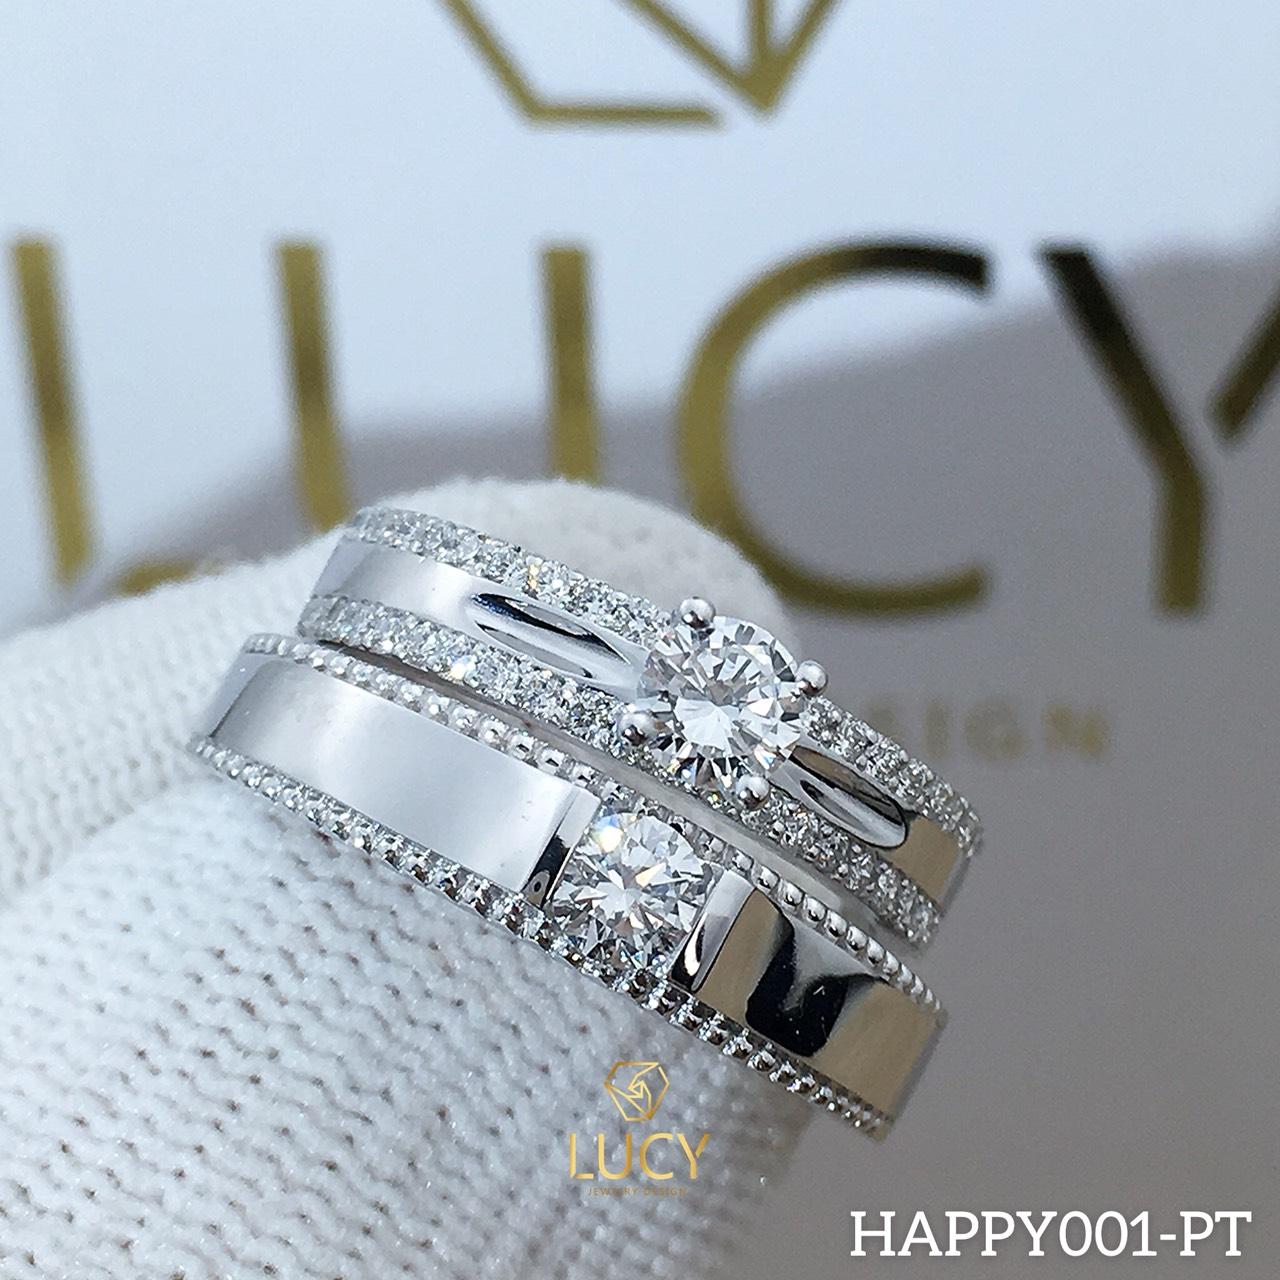 HAPPY001_PT Nhẫn cưới bạch kim cao cấp Platinum 90% PT900 - Lucy Jewelry